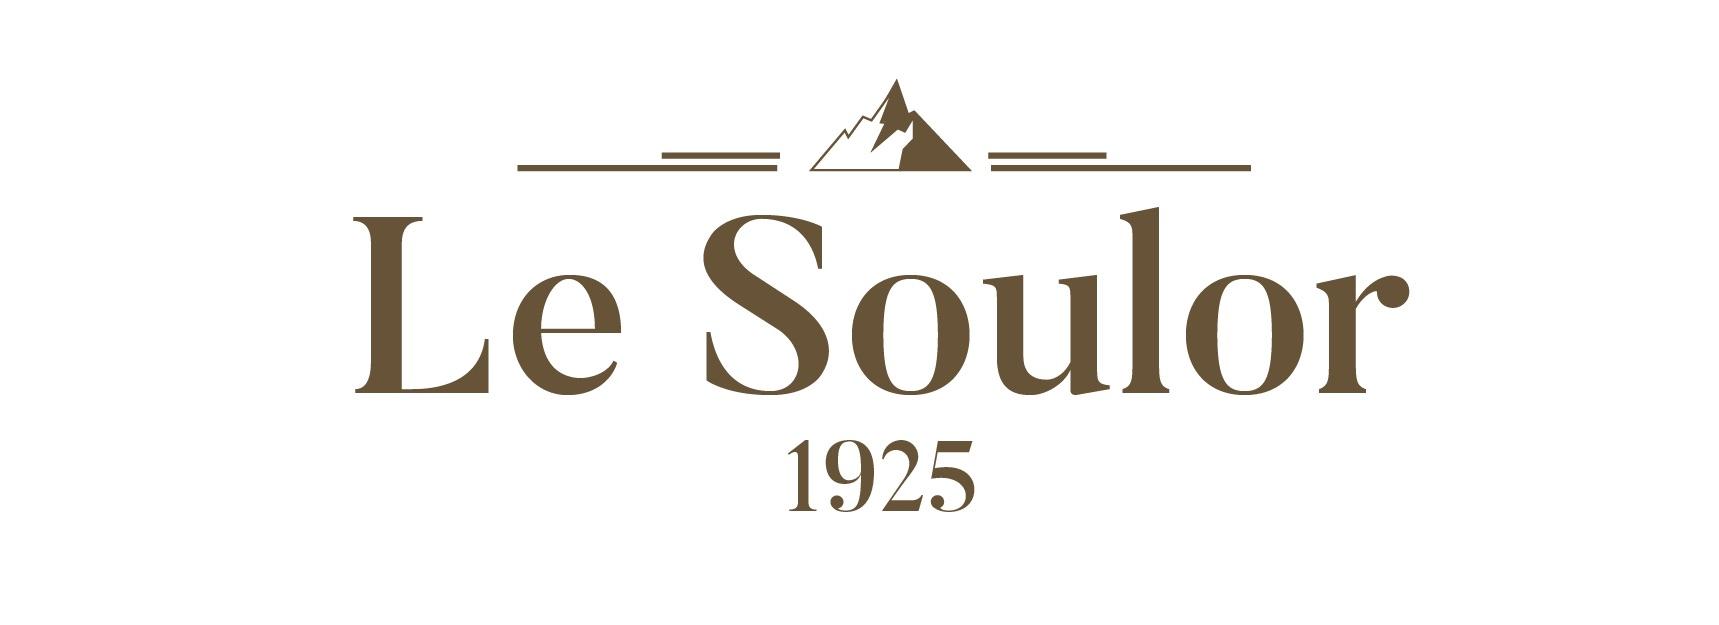 Logo le soulor 1925 copiexxx copie